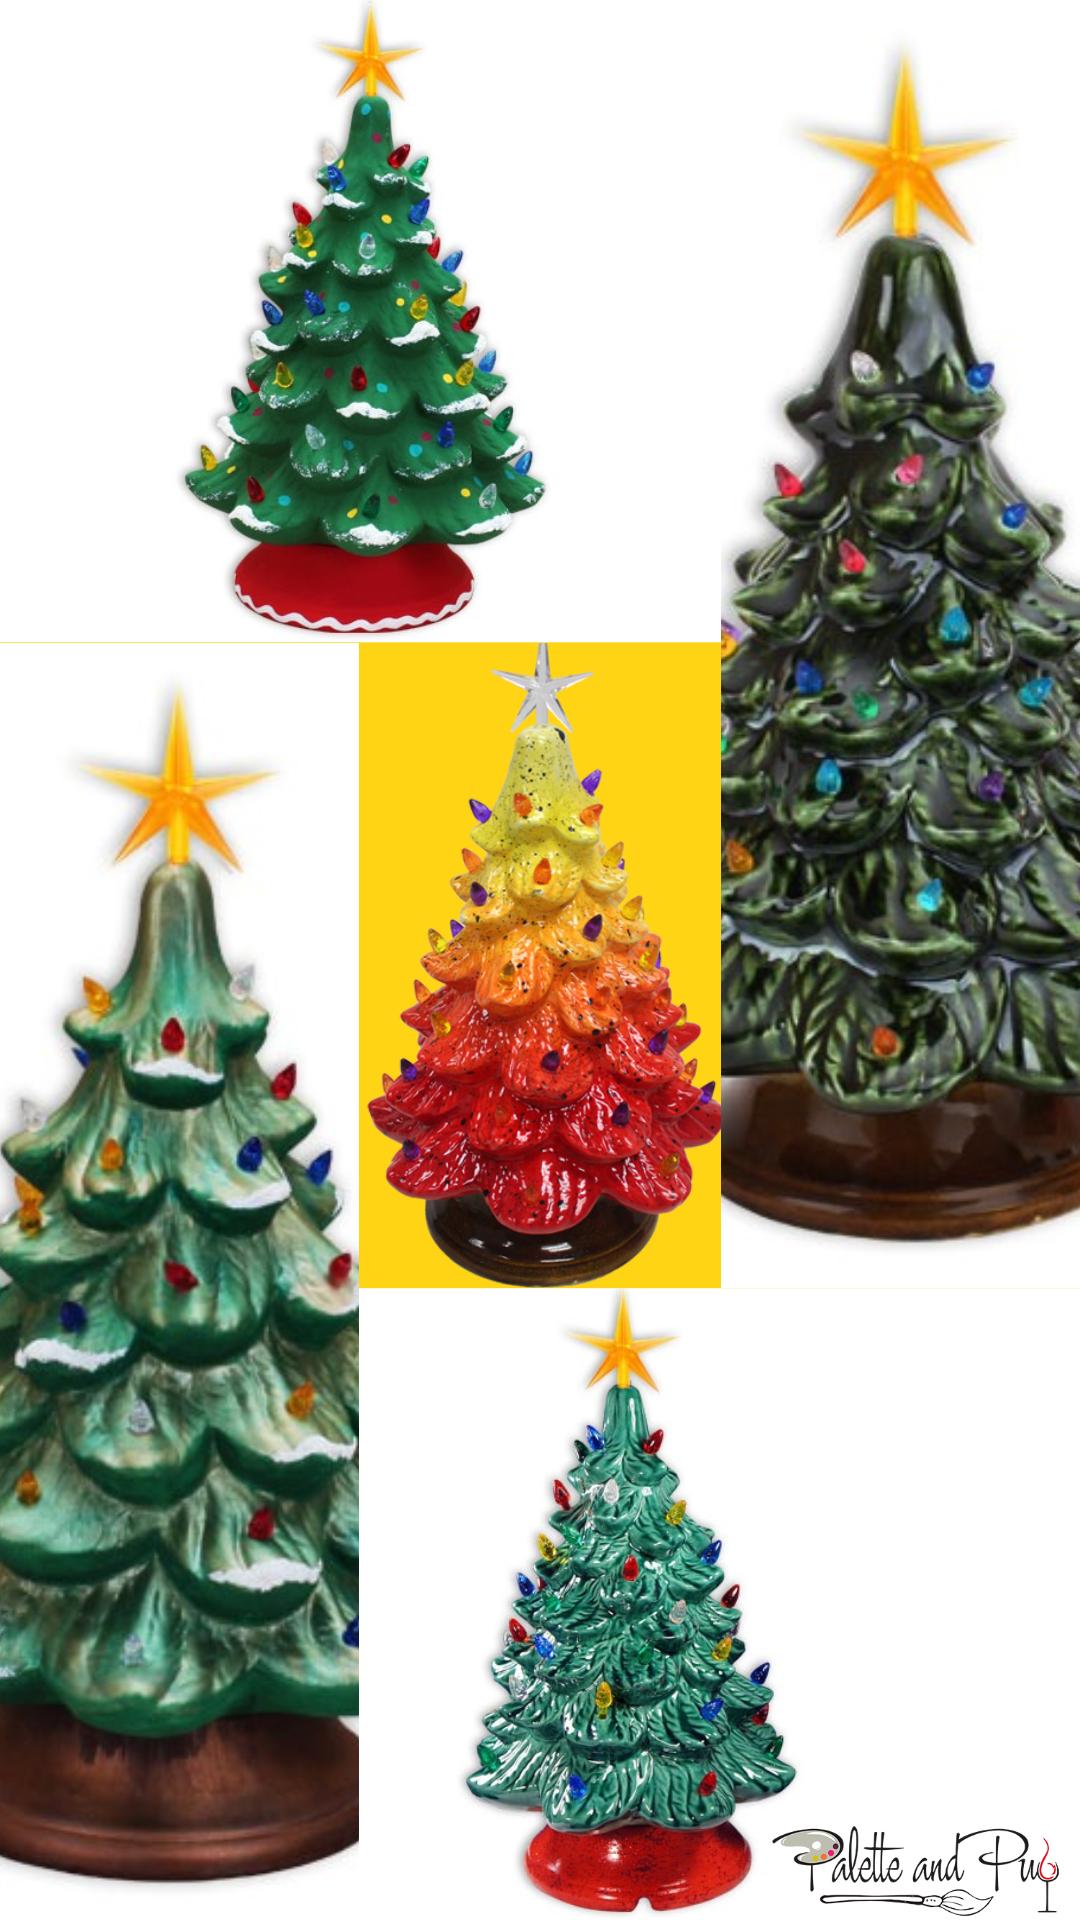 Ceramic Christmas Tree Vintage.Vintage Lighted Ceramic Christmas Trees Palette And Pub